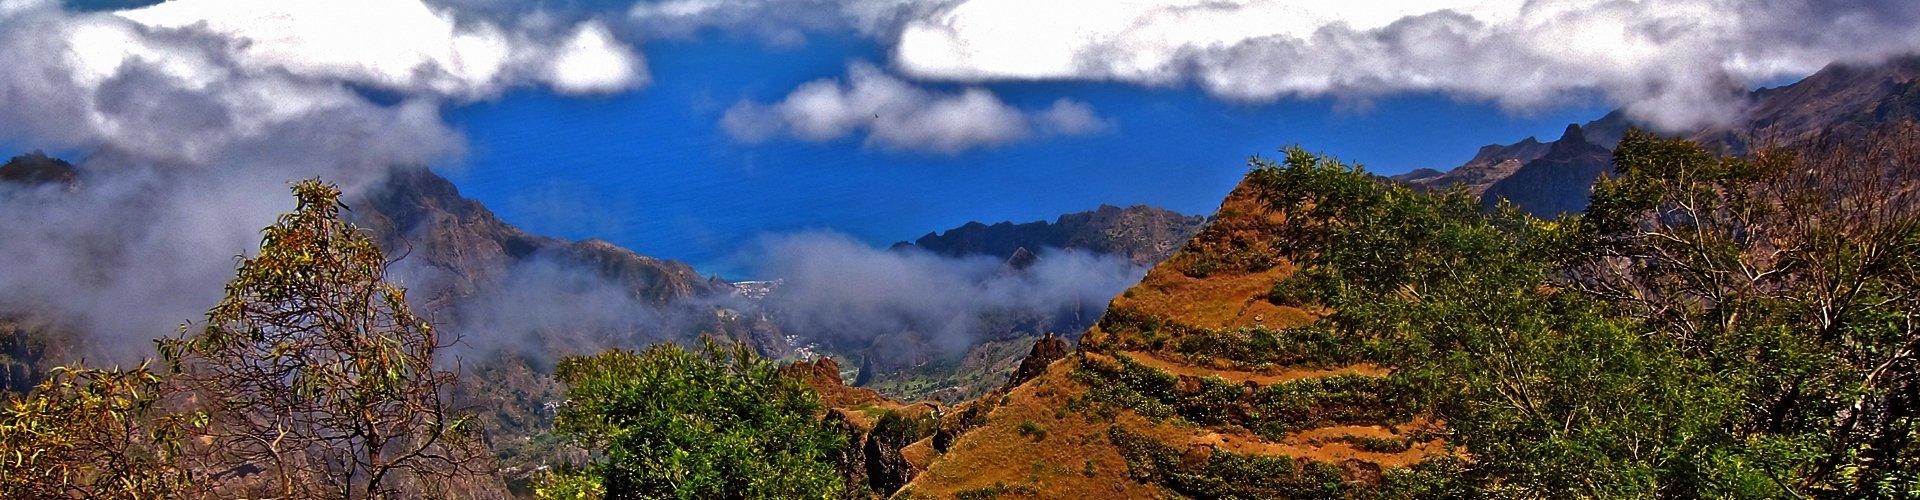 Santo Antão, Kaapverdië